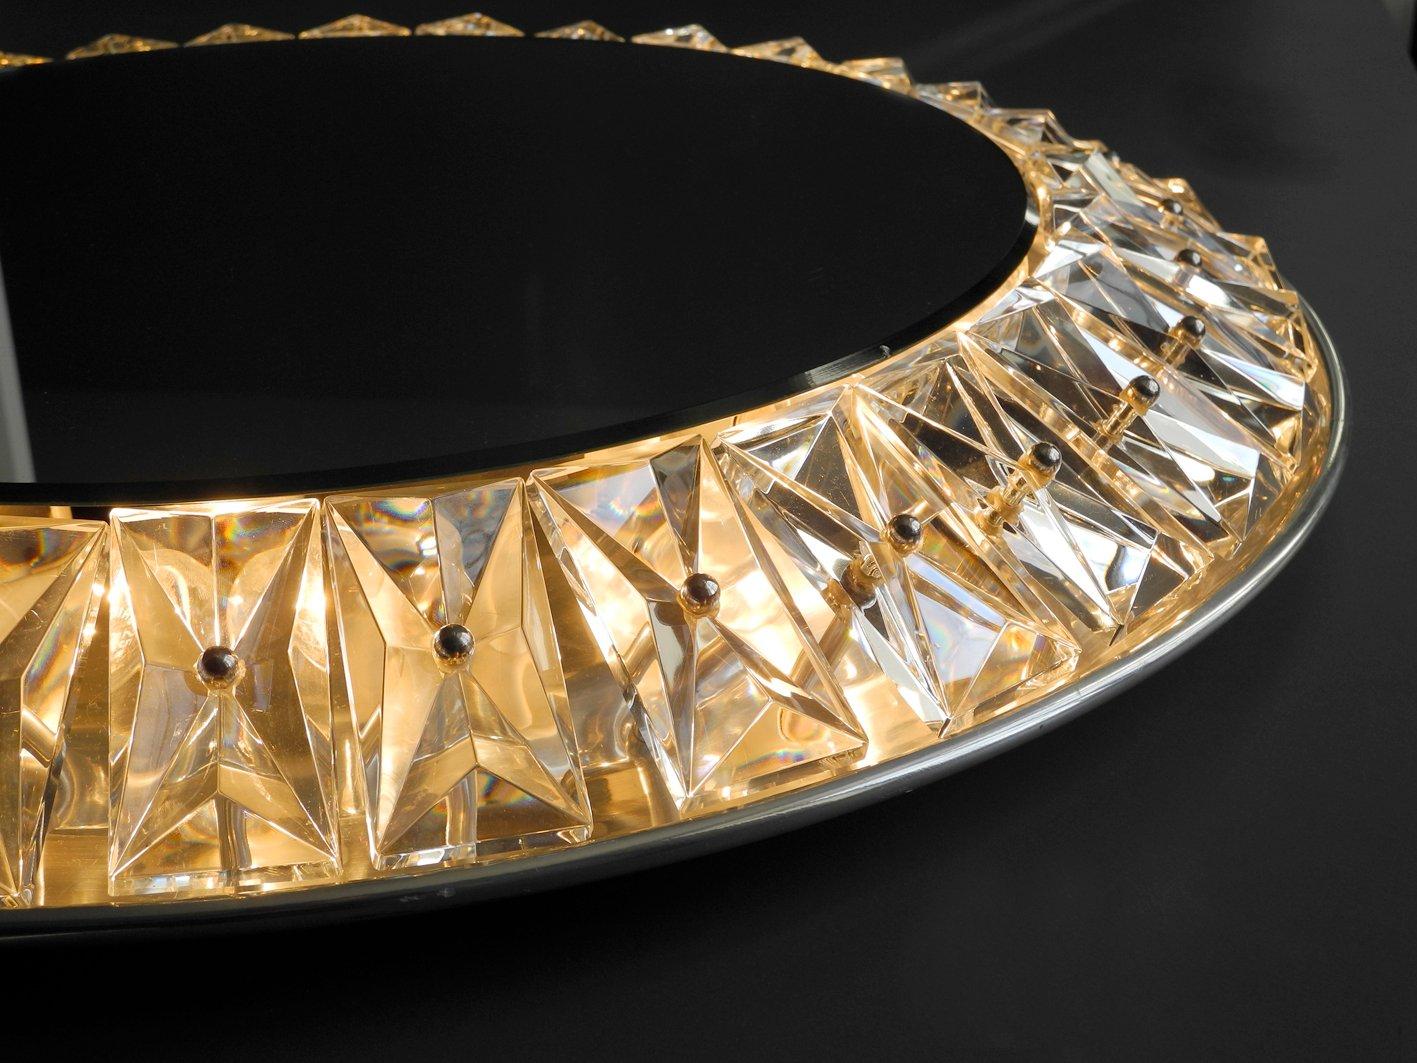 Specchio da parete grande rotondo in cristallo con luce di kinkeldey anni 39 60 in vendita su pamono - Specchio parete grande ...